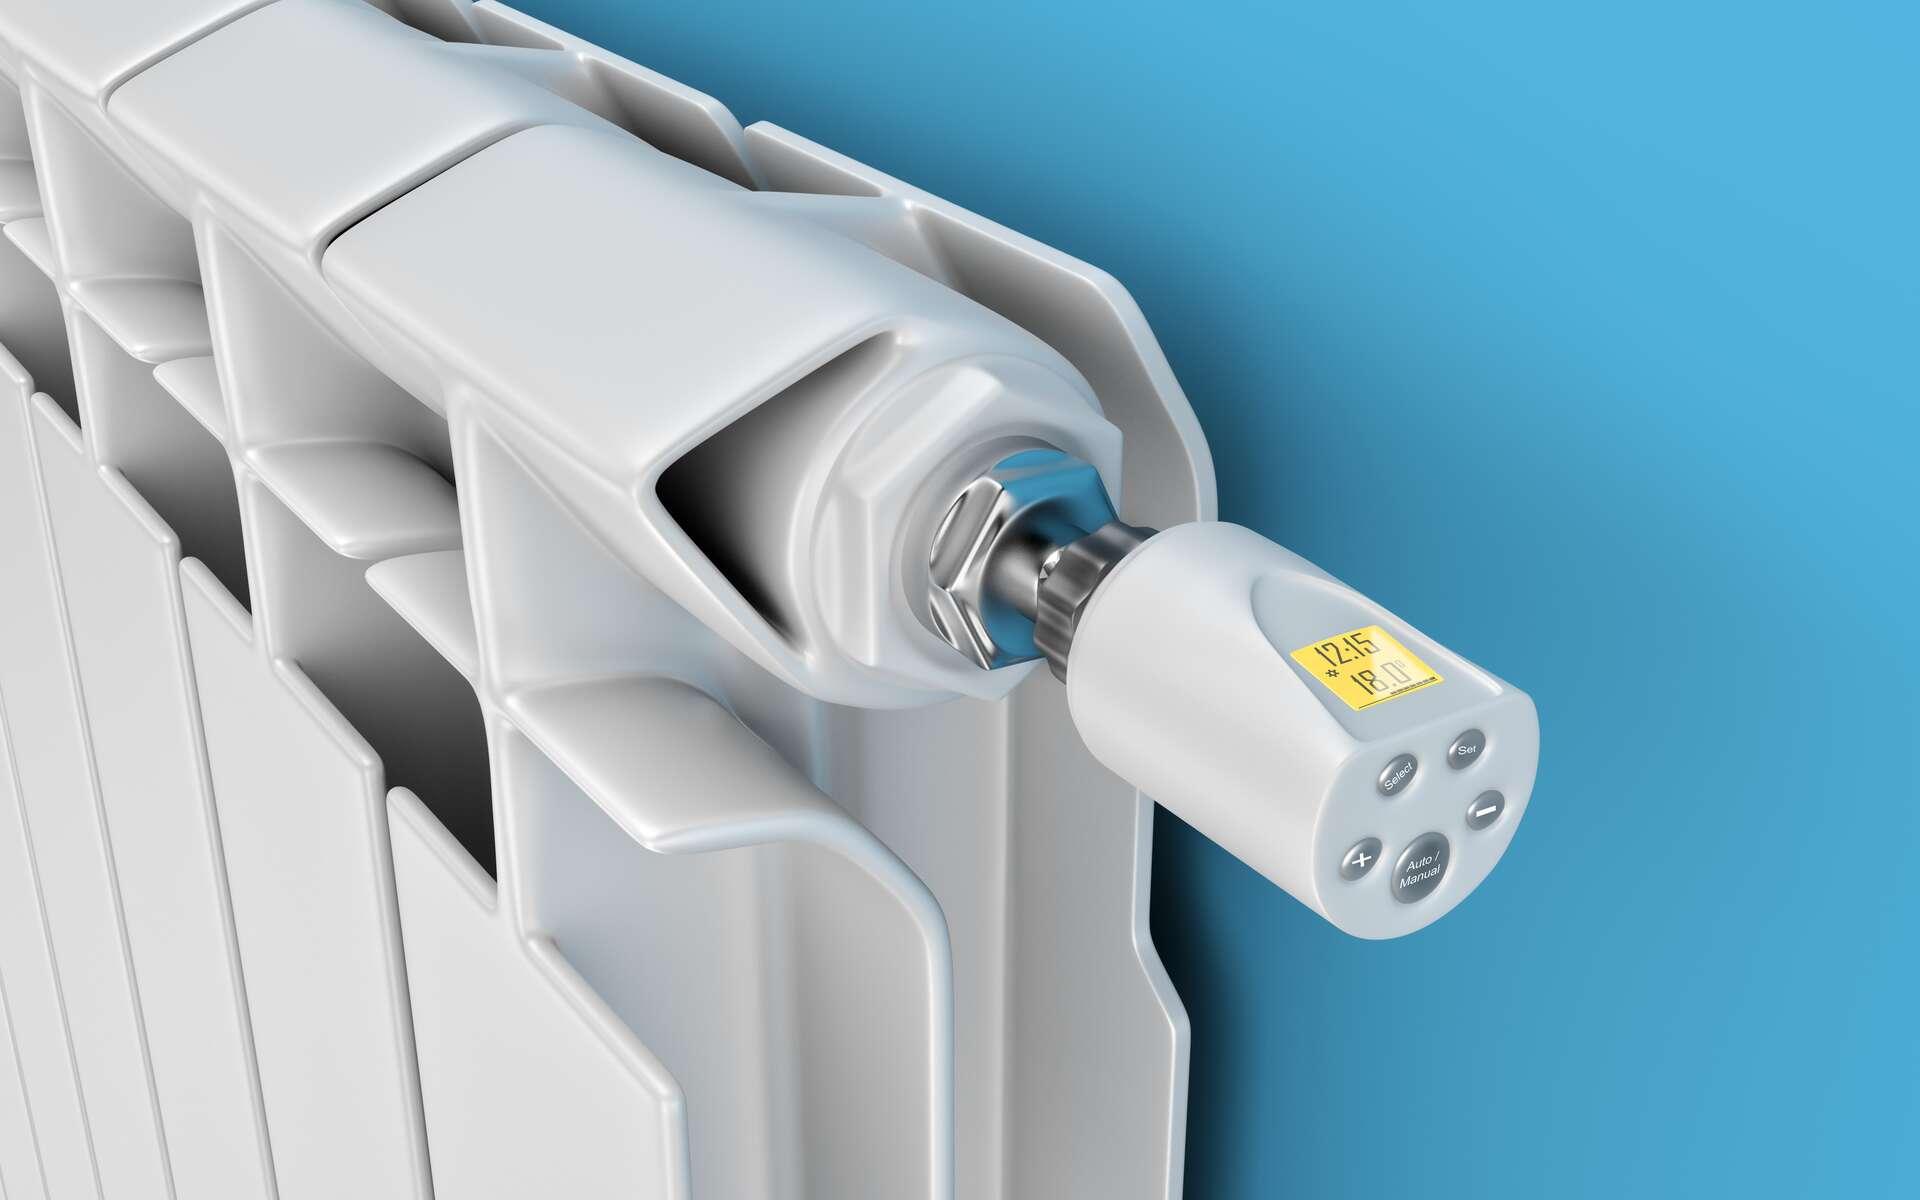 Les radiateurs électriques sont moins énergivores aujourd'hui. © Dezay, Adobe Stock